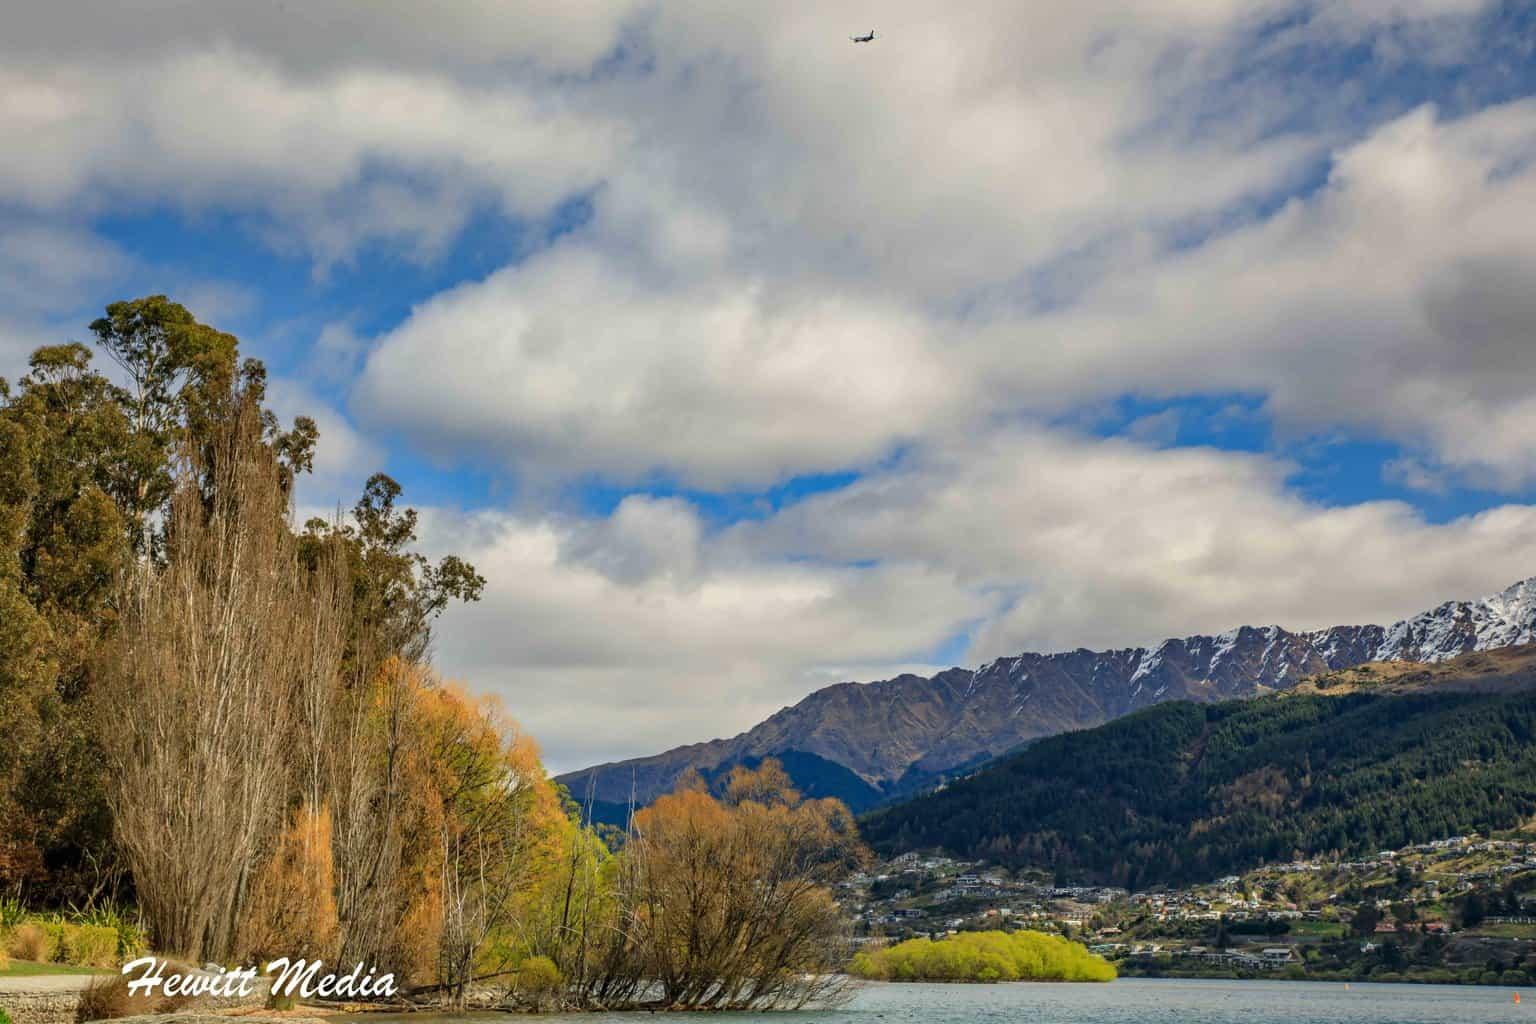 Near Queenstown, New Zealand